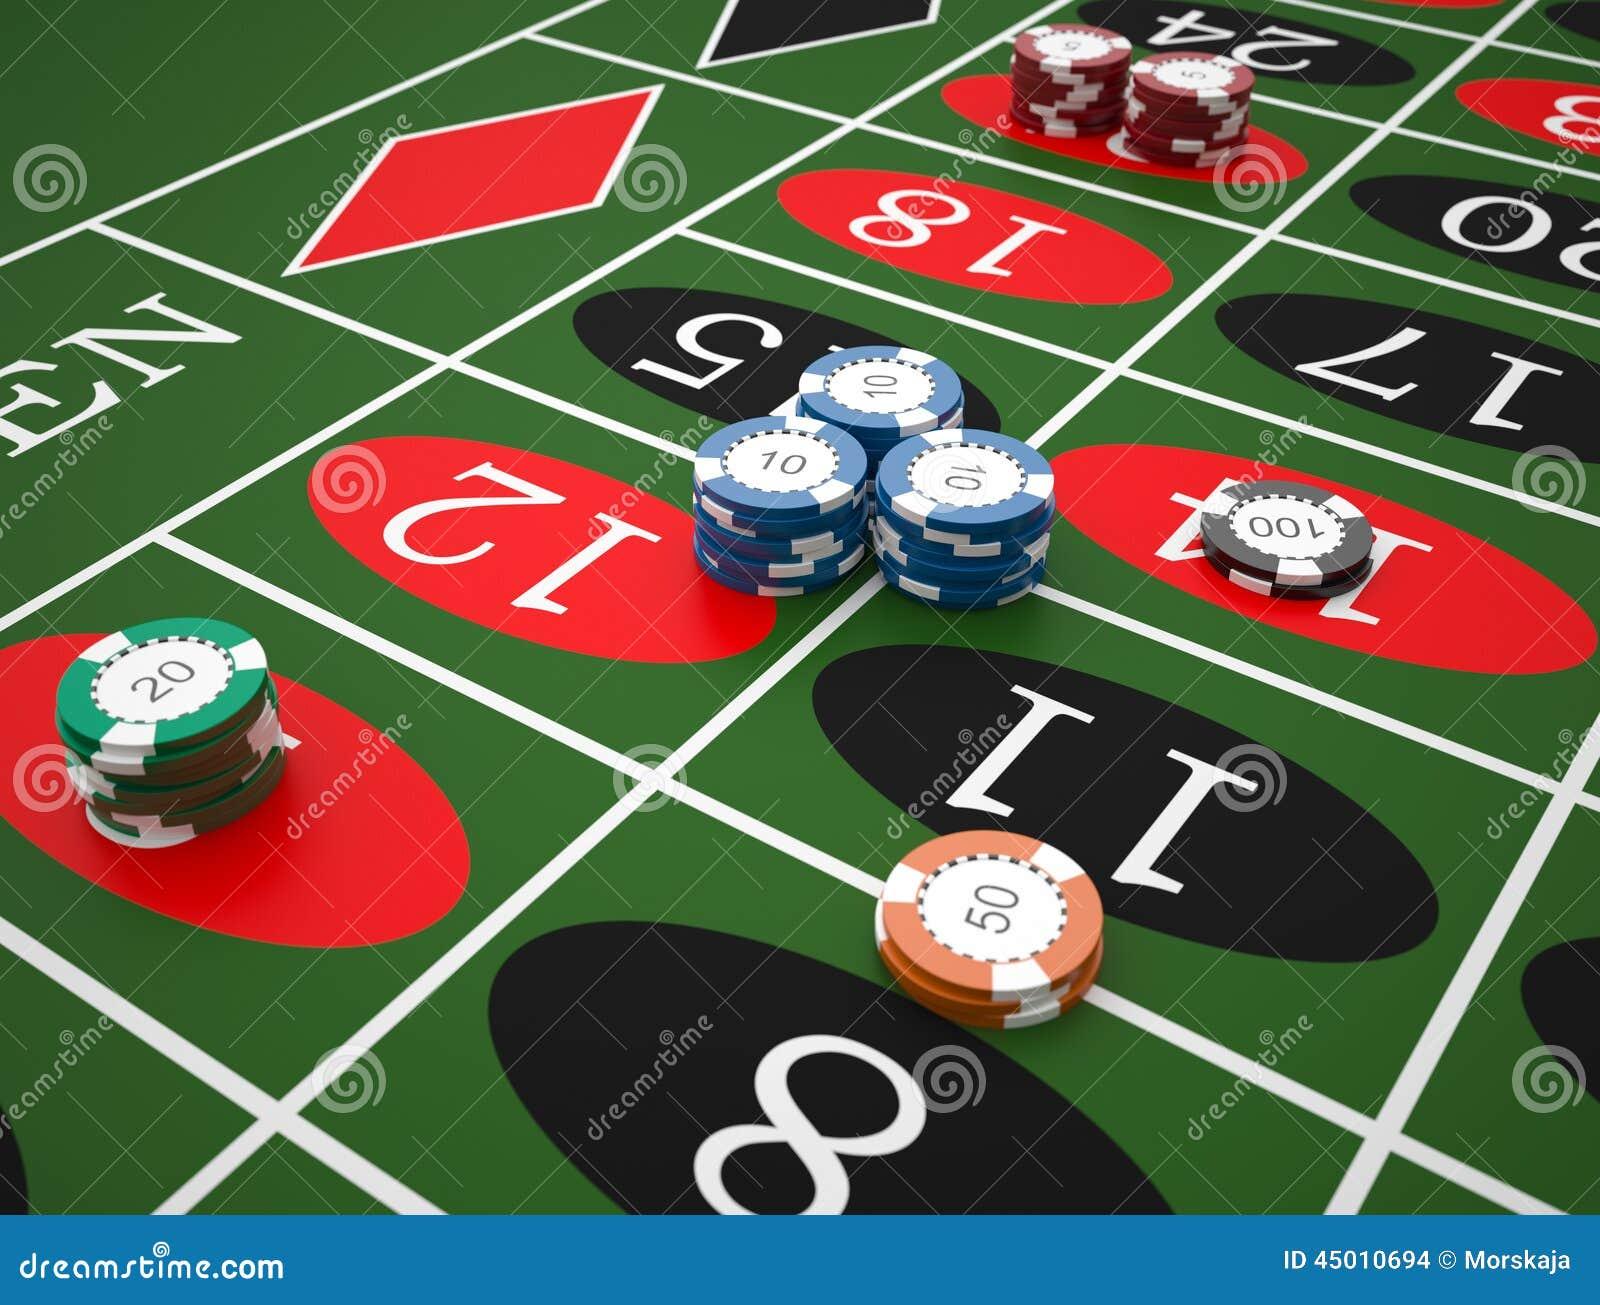 roulette stock illustration image 45010694. Black Bedroom Furniture Sets. Home Design Ideas